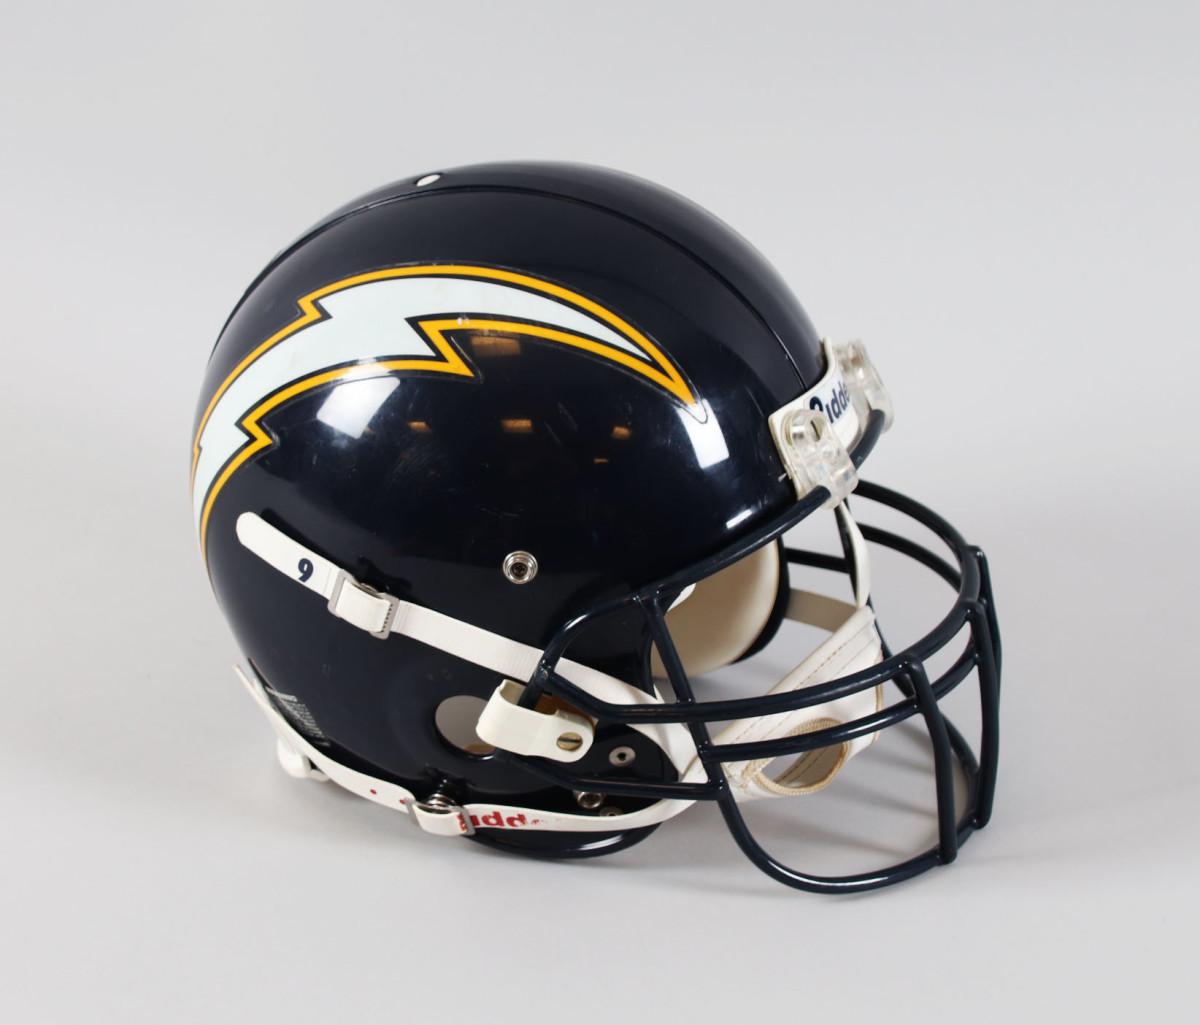 Brees helmet